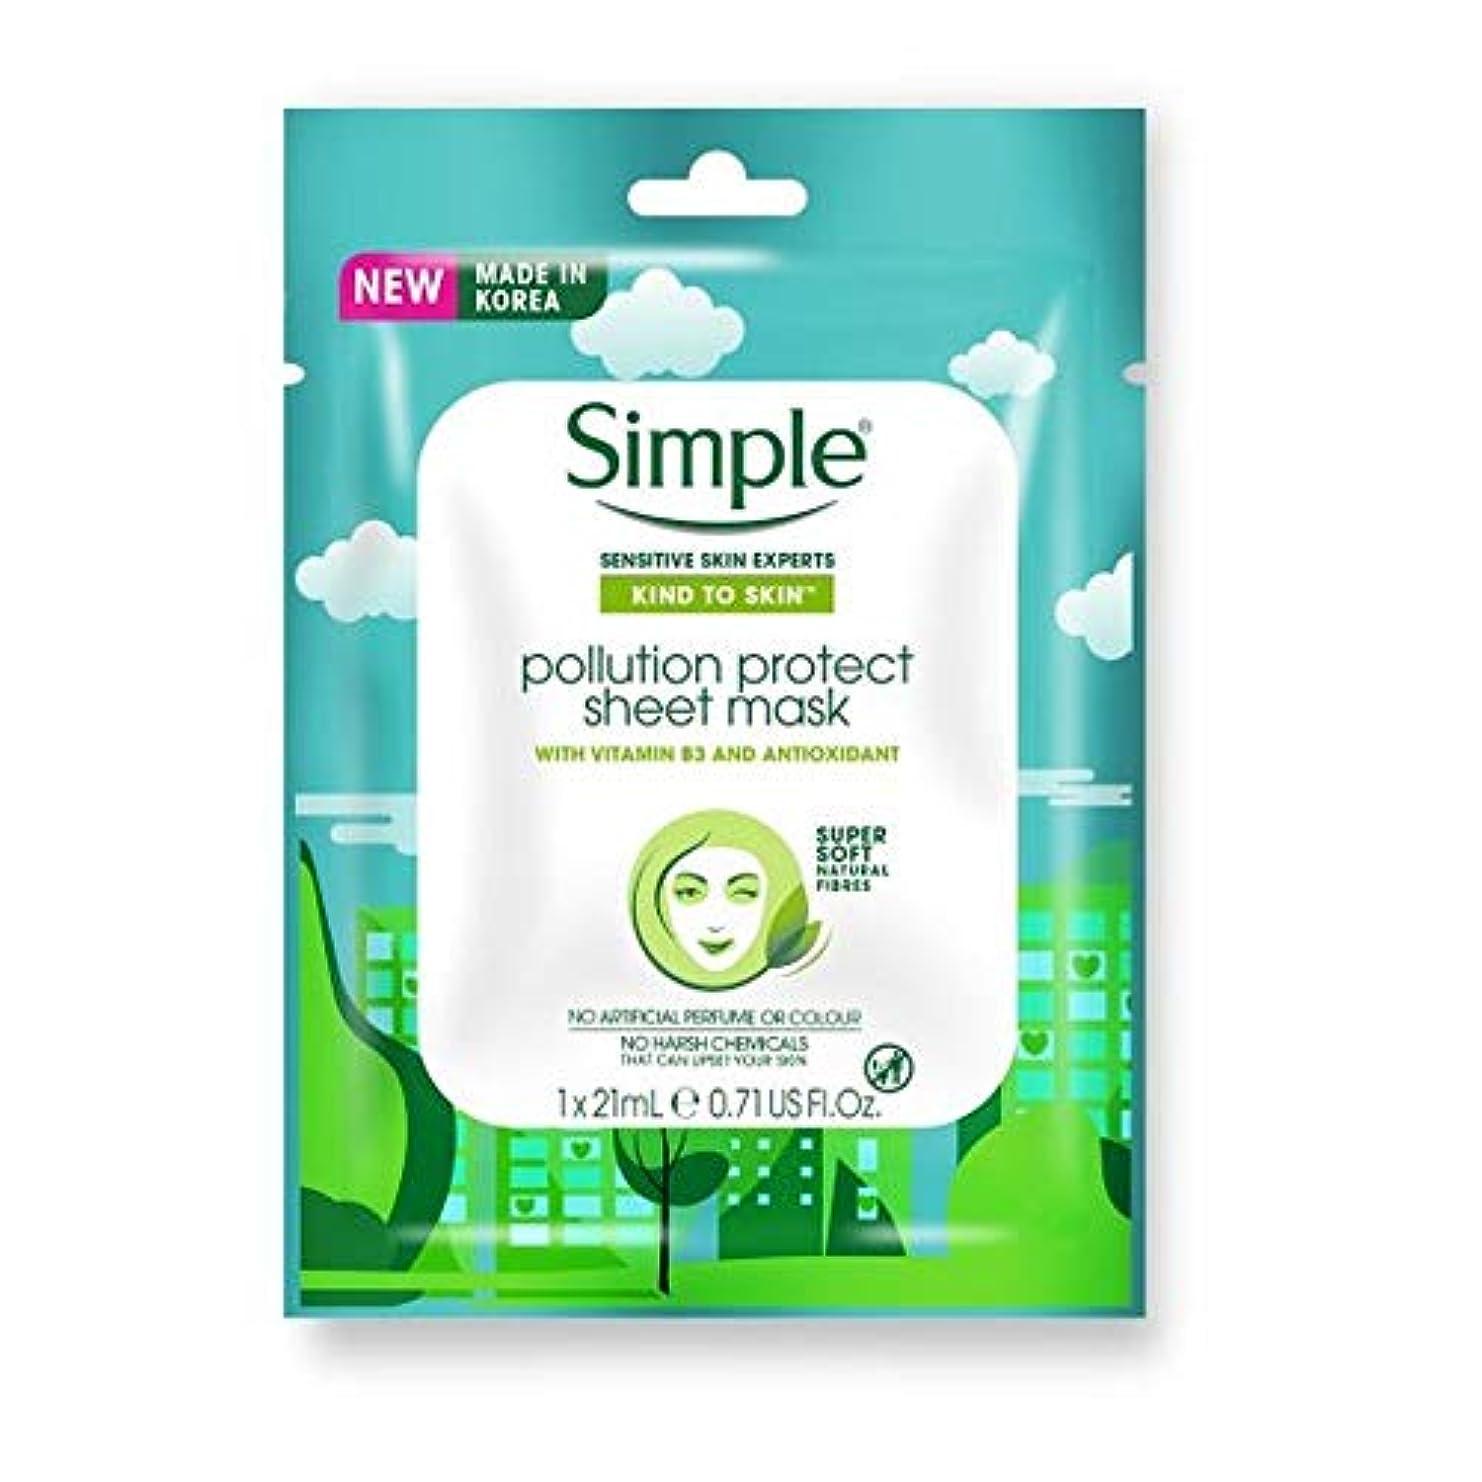 透過性ピル難破船[Simple] 皮膚汚染への単純な種類のシートマスク21ミリリットルを保護 - Simple Kind To Skin Pollution Protect Sheet Mask 21Ml [並行輸入品]